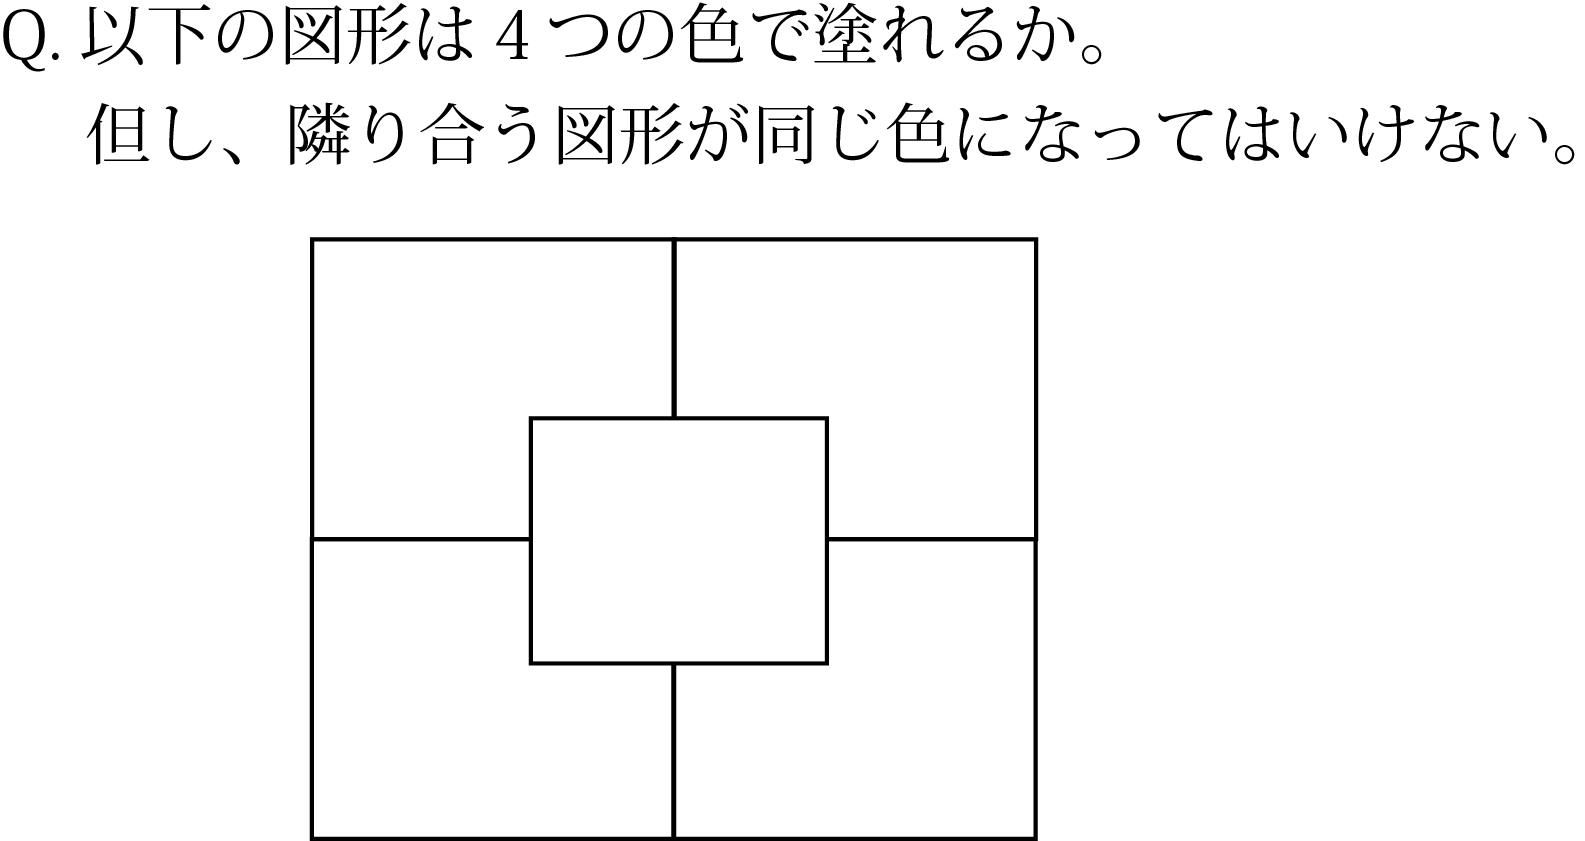 「いろわけ」の問題3